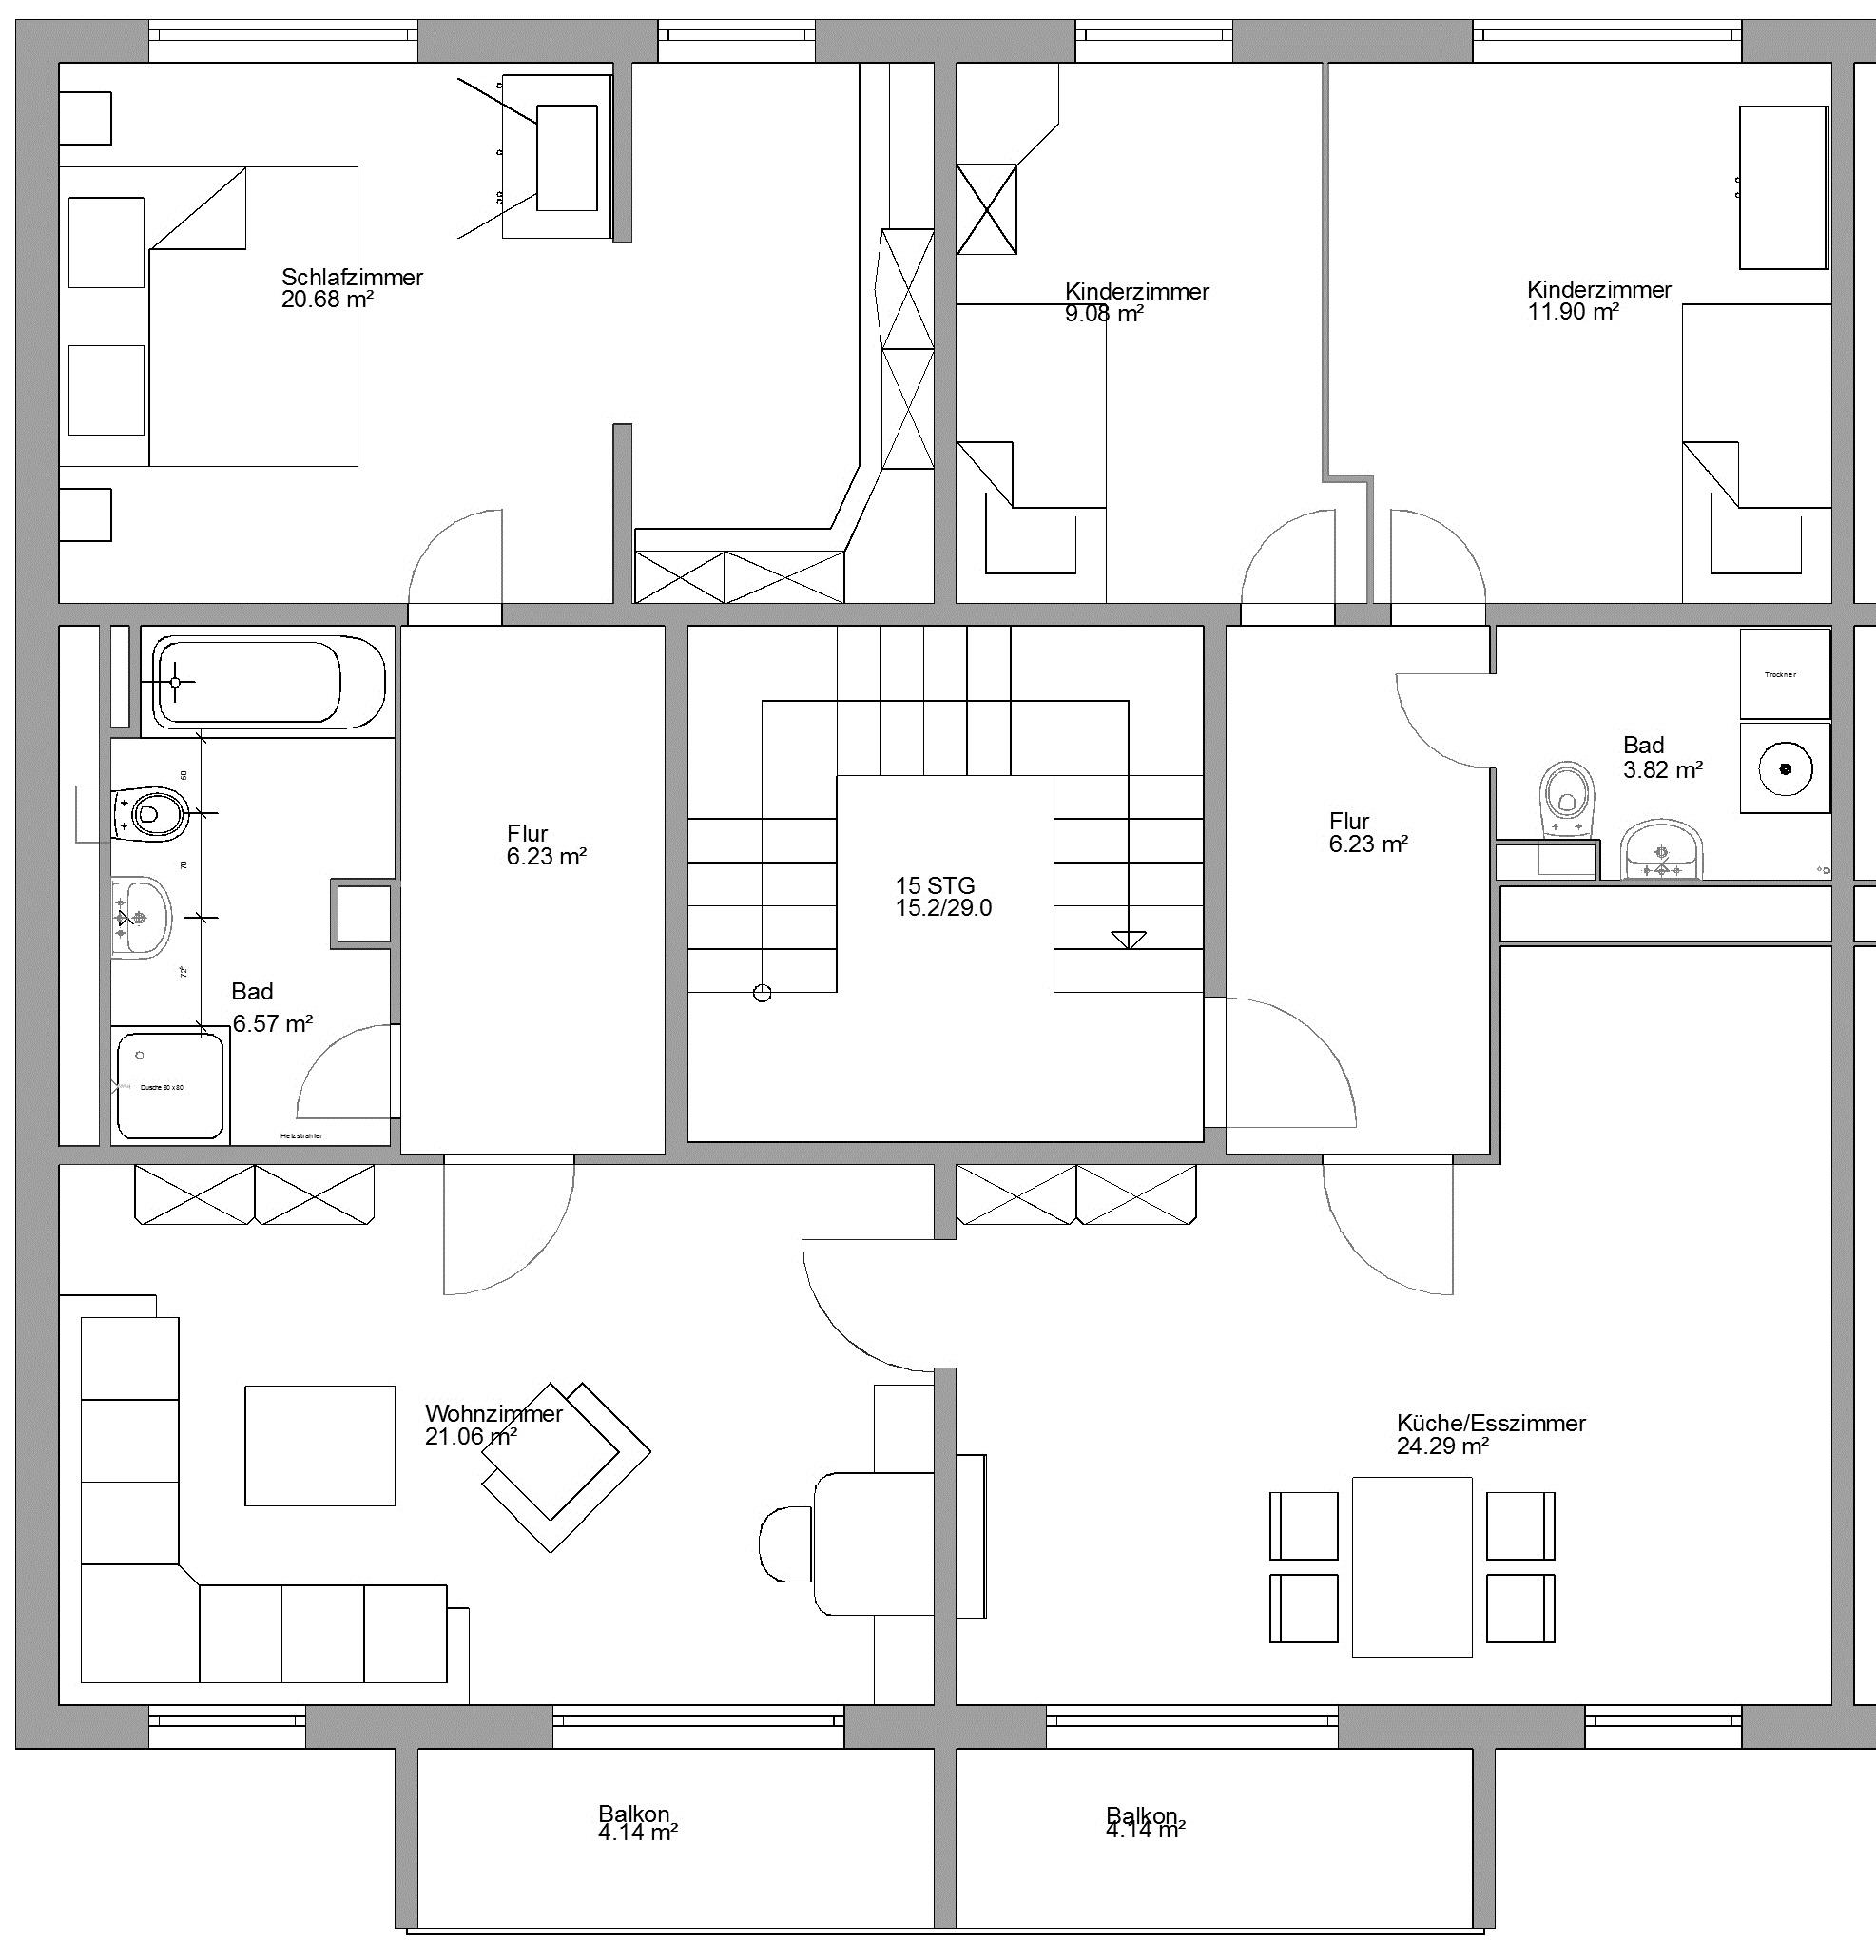 familienfreundliches wohnen in schwarzheide kwg ndert grundrisse in die stra e des friedens. Black Bedroom Furniture Sets. Home Design Ideas